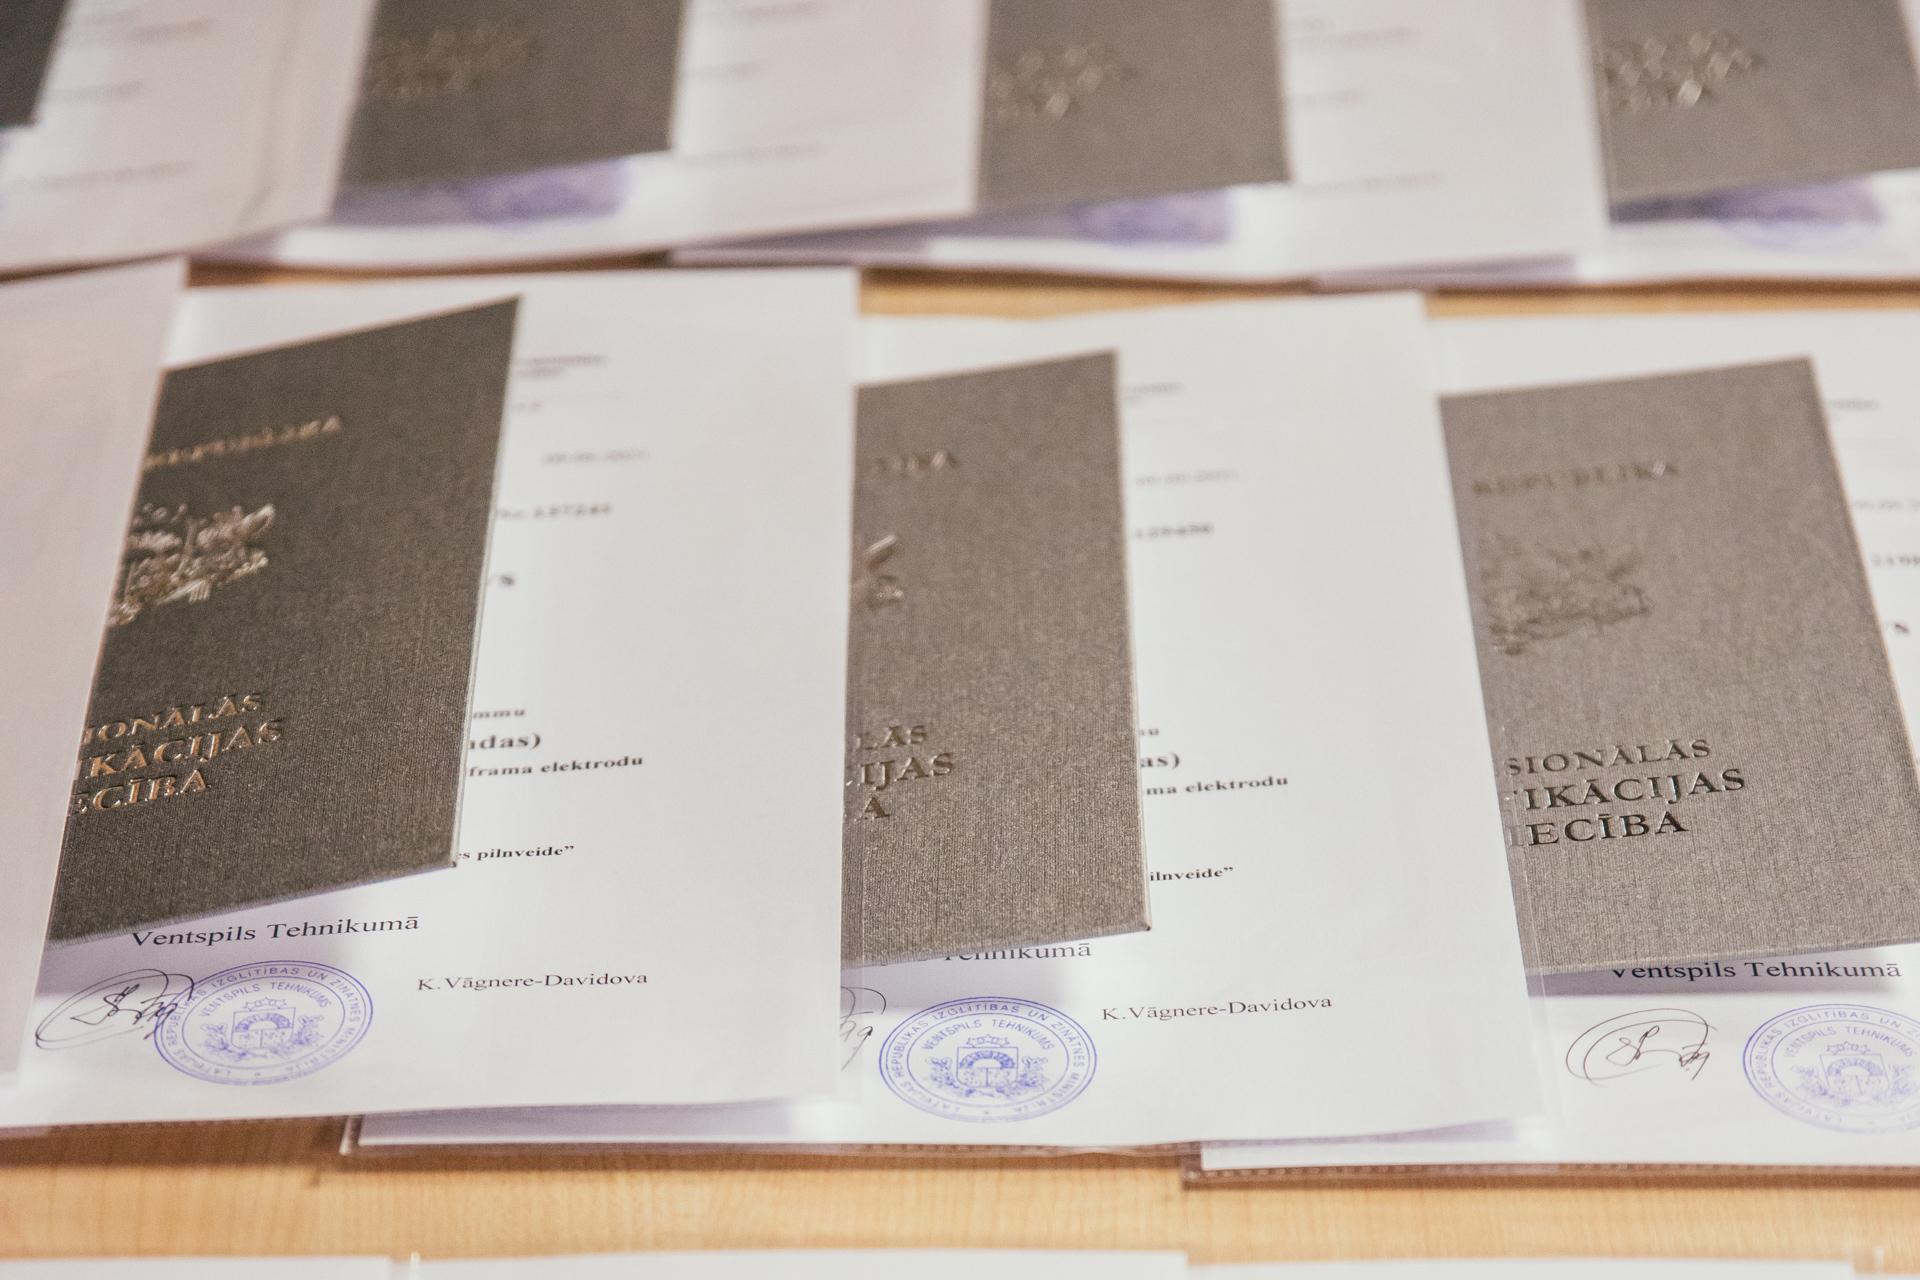 Ventspils Tehnikumā kvalifikācijas apliecības ieguvuši metālapstrādes speciālisti